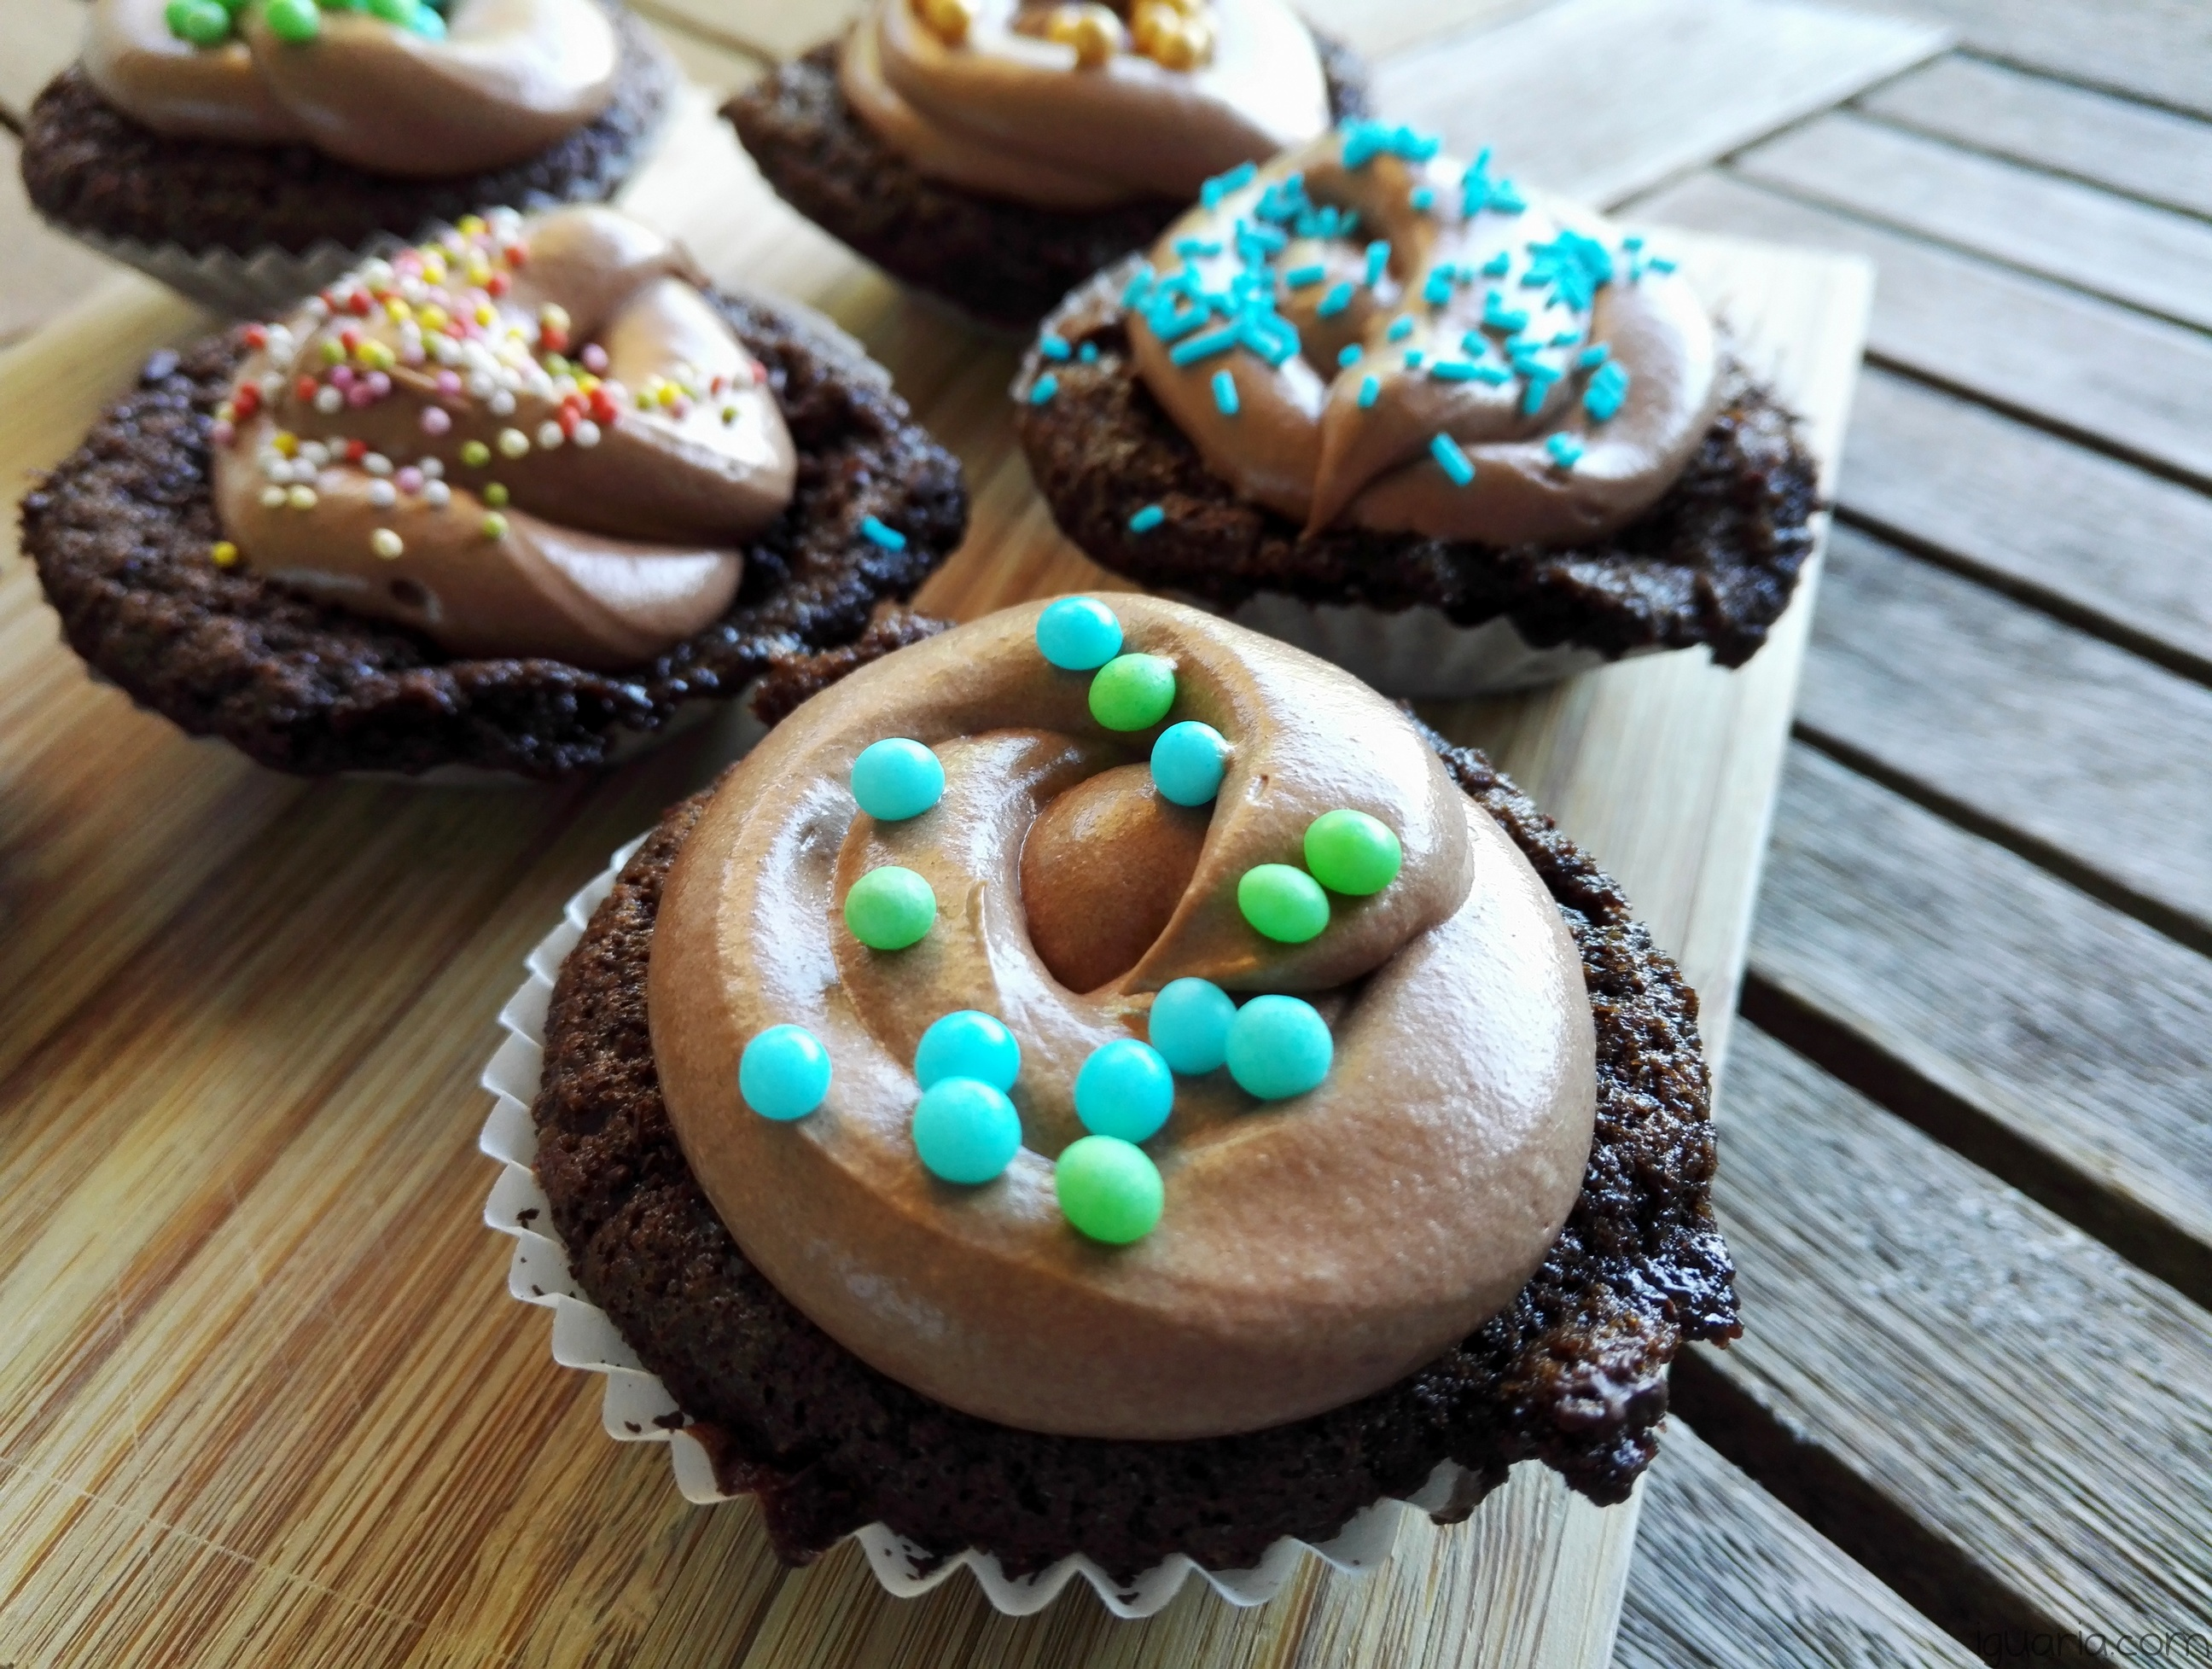 iguaria-queques-de-cacau-chocolate